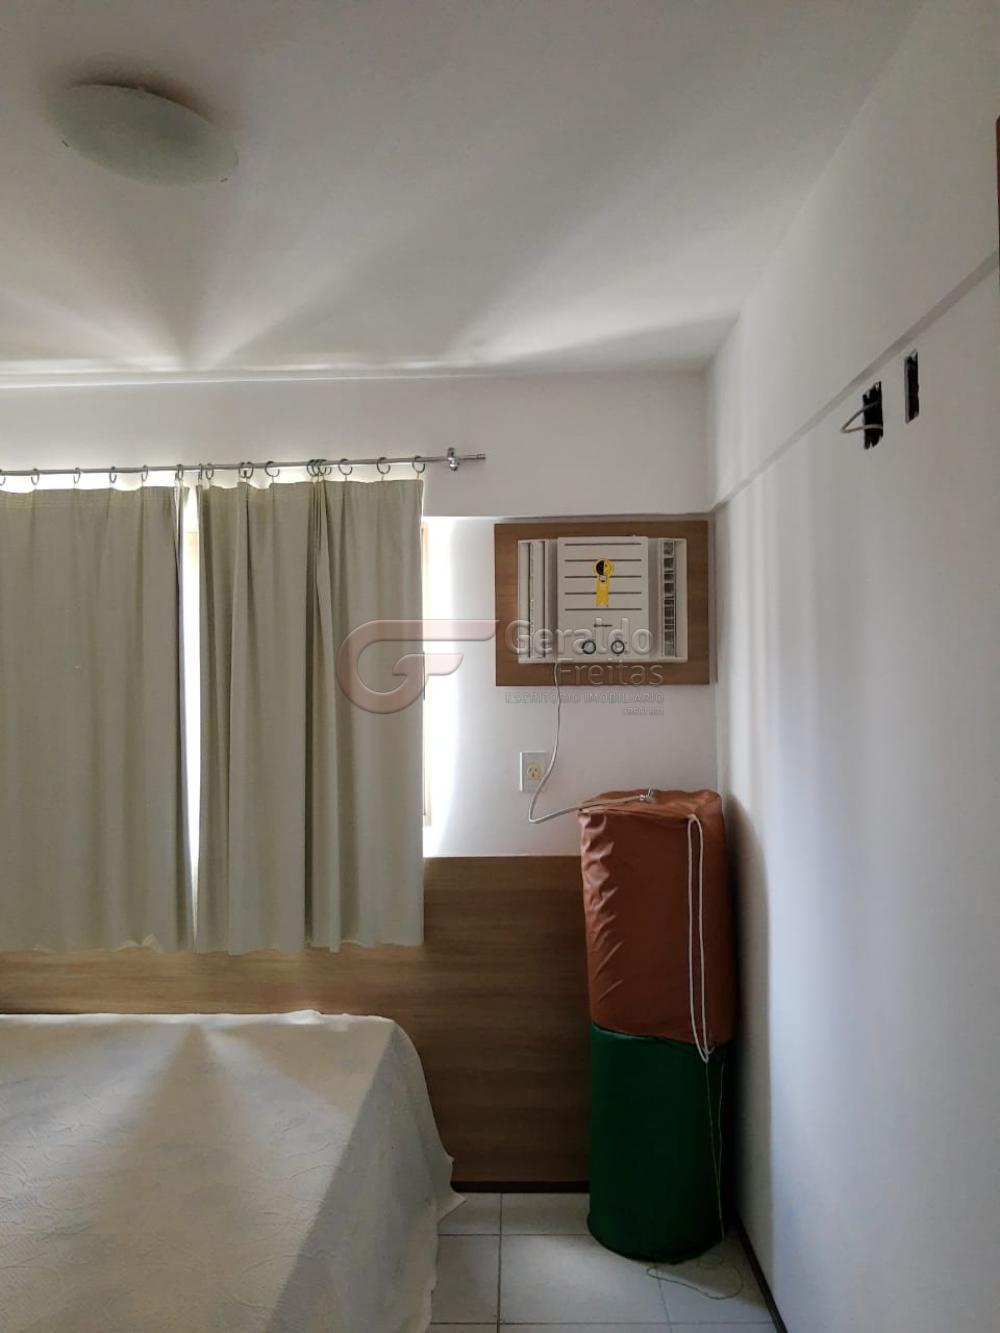 Comprar Apartamentos / Padrão em Maceió apenas R$ 350.000,00 - Foto 12